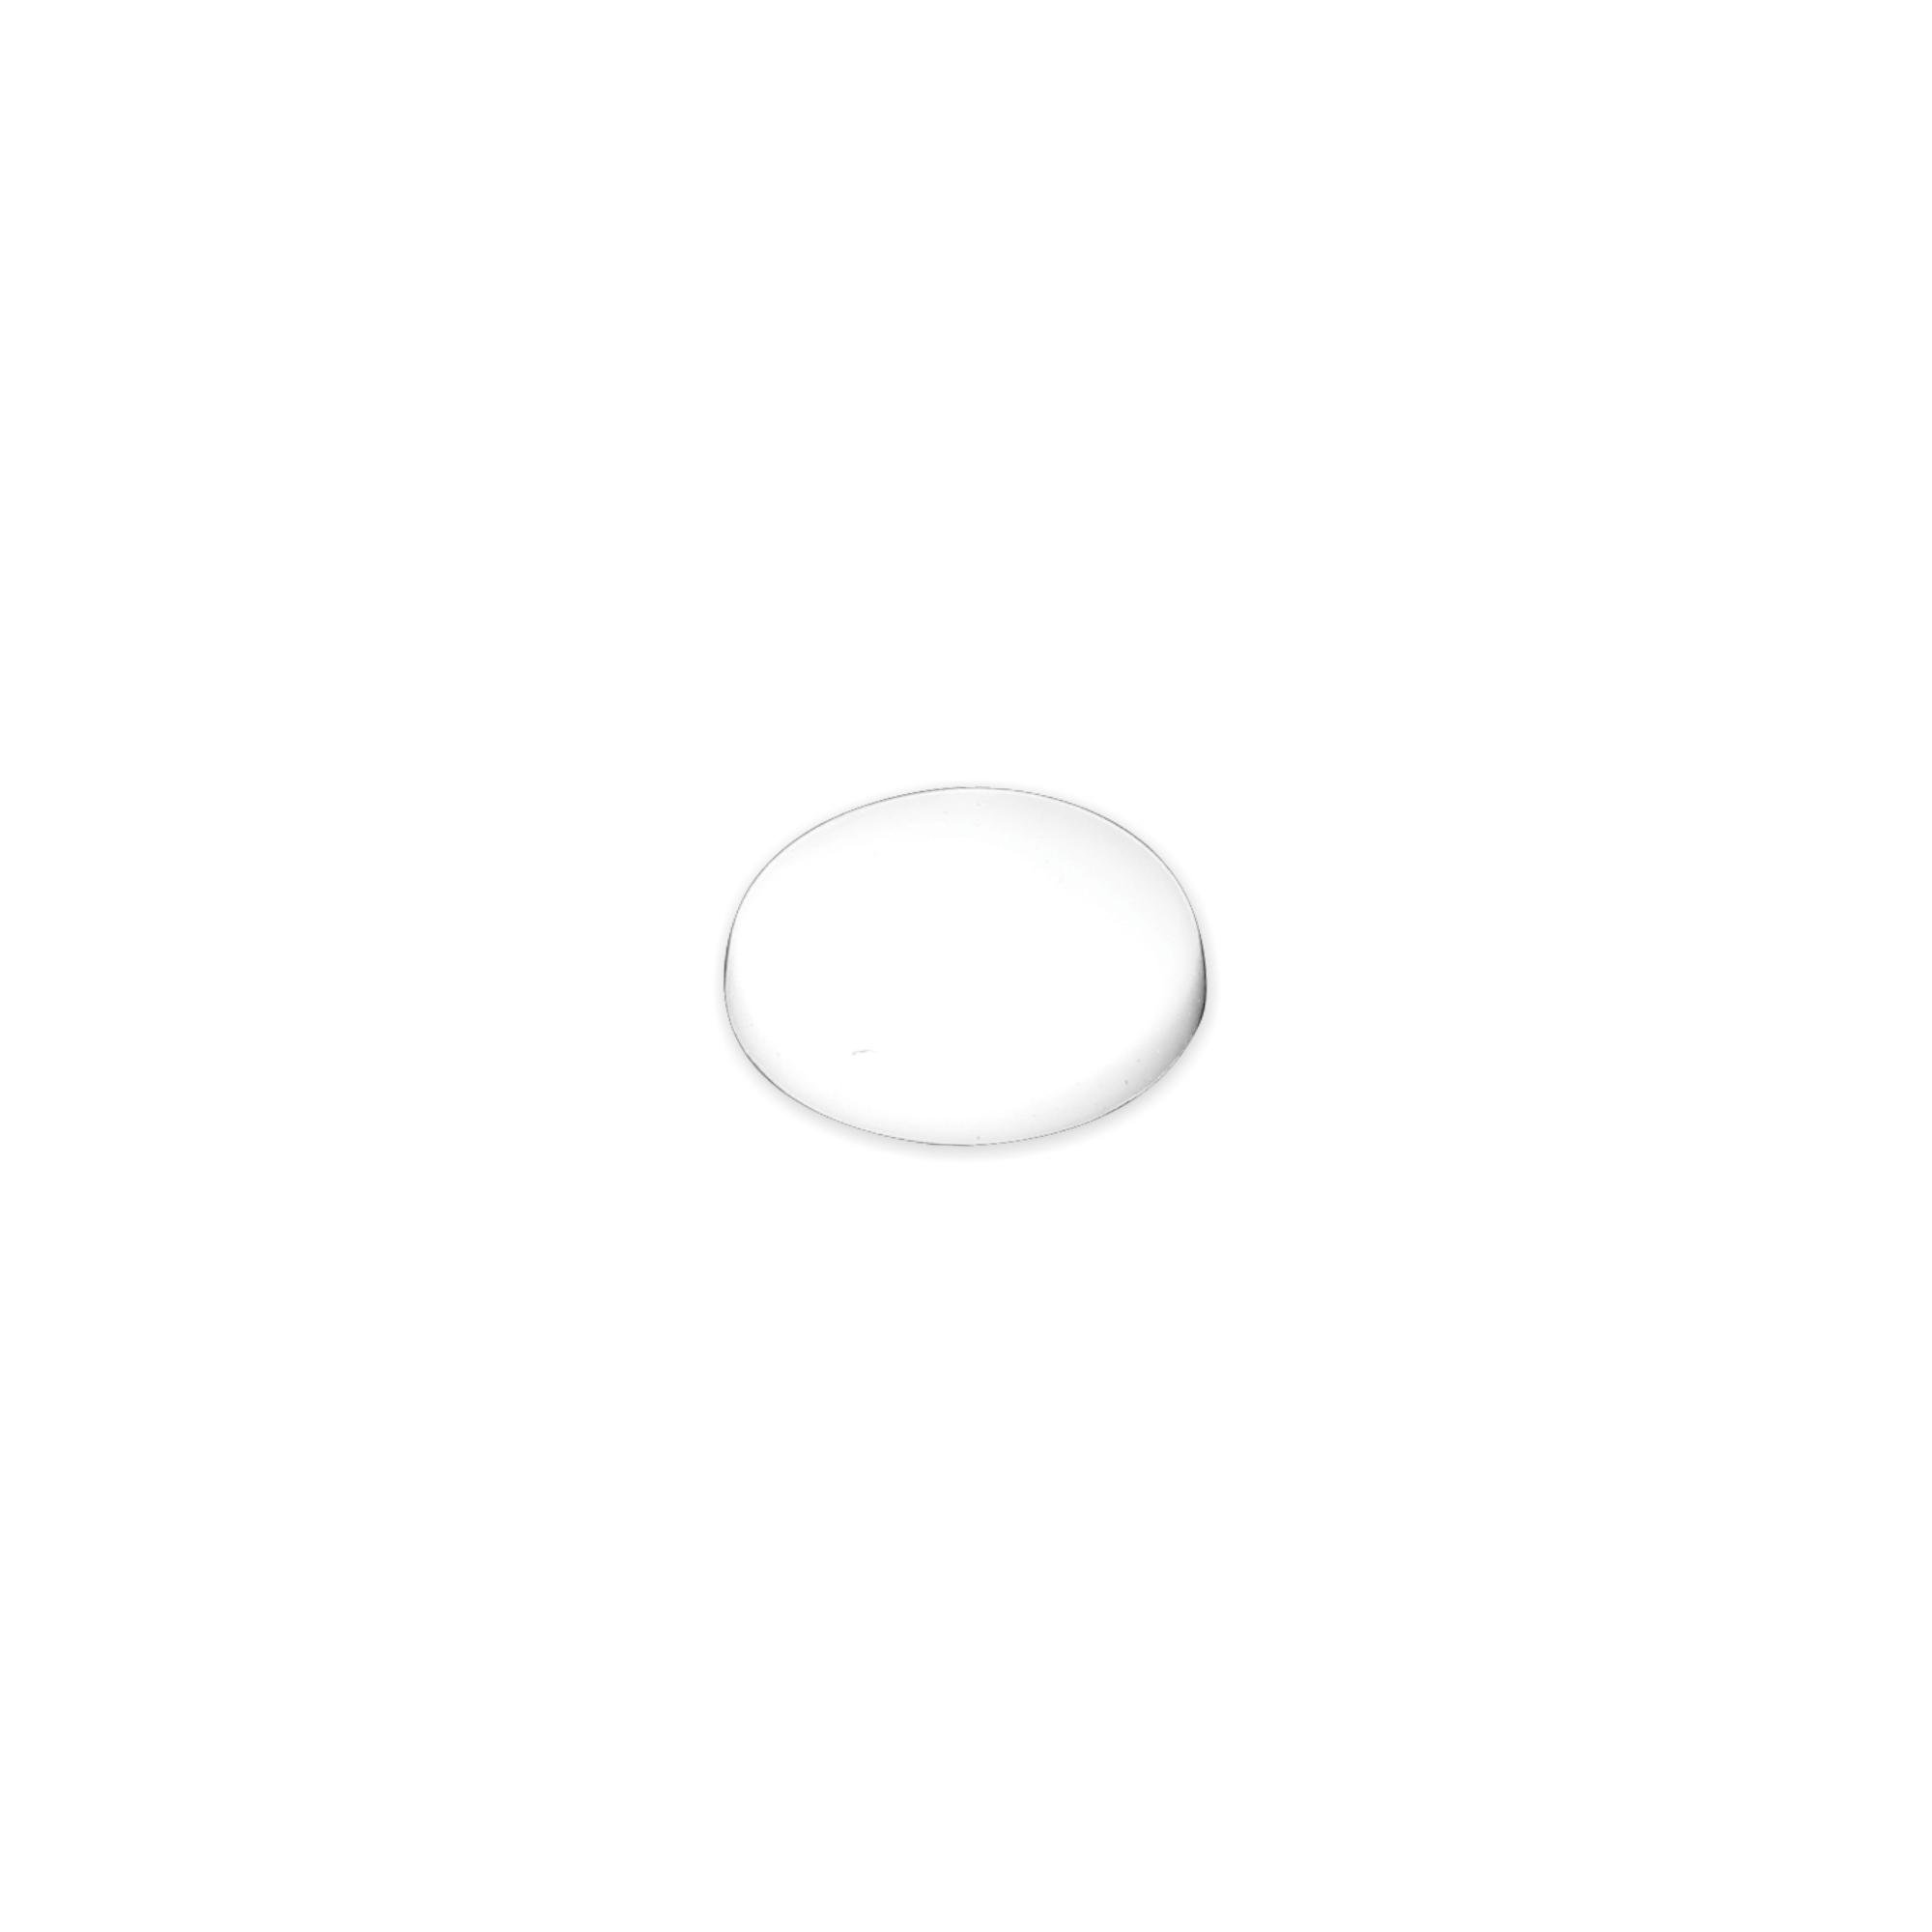 Tapa Parafuso Plástico Branco